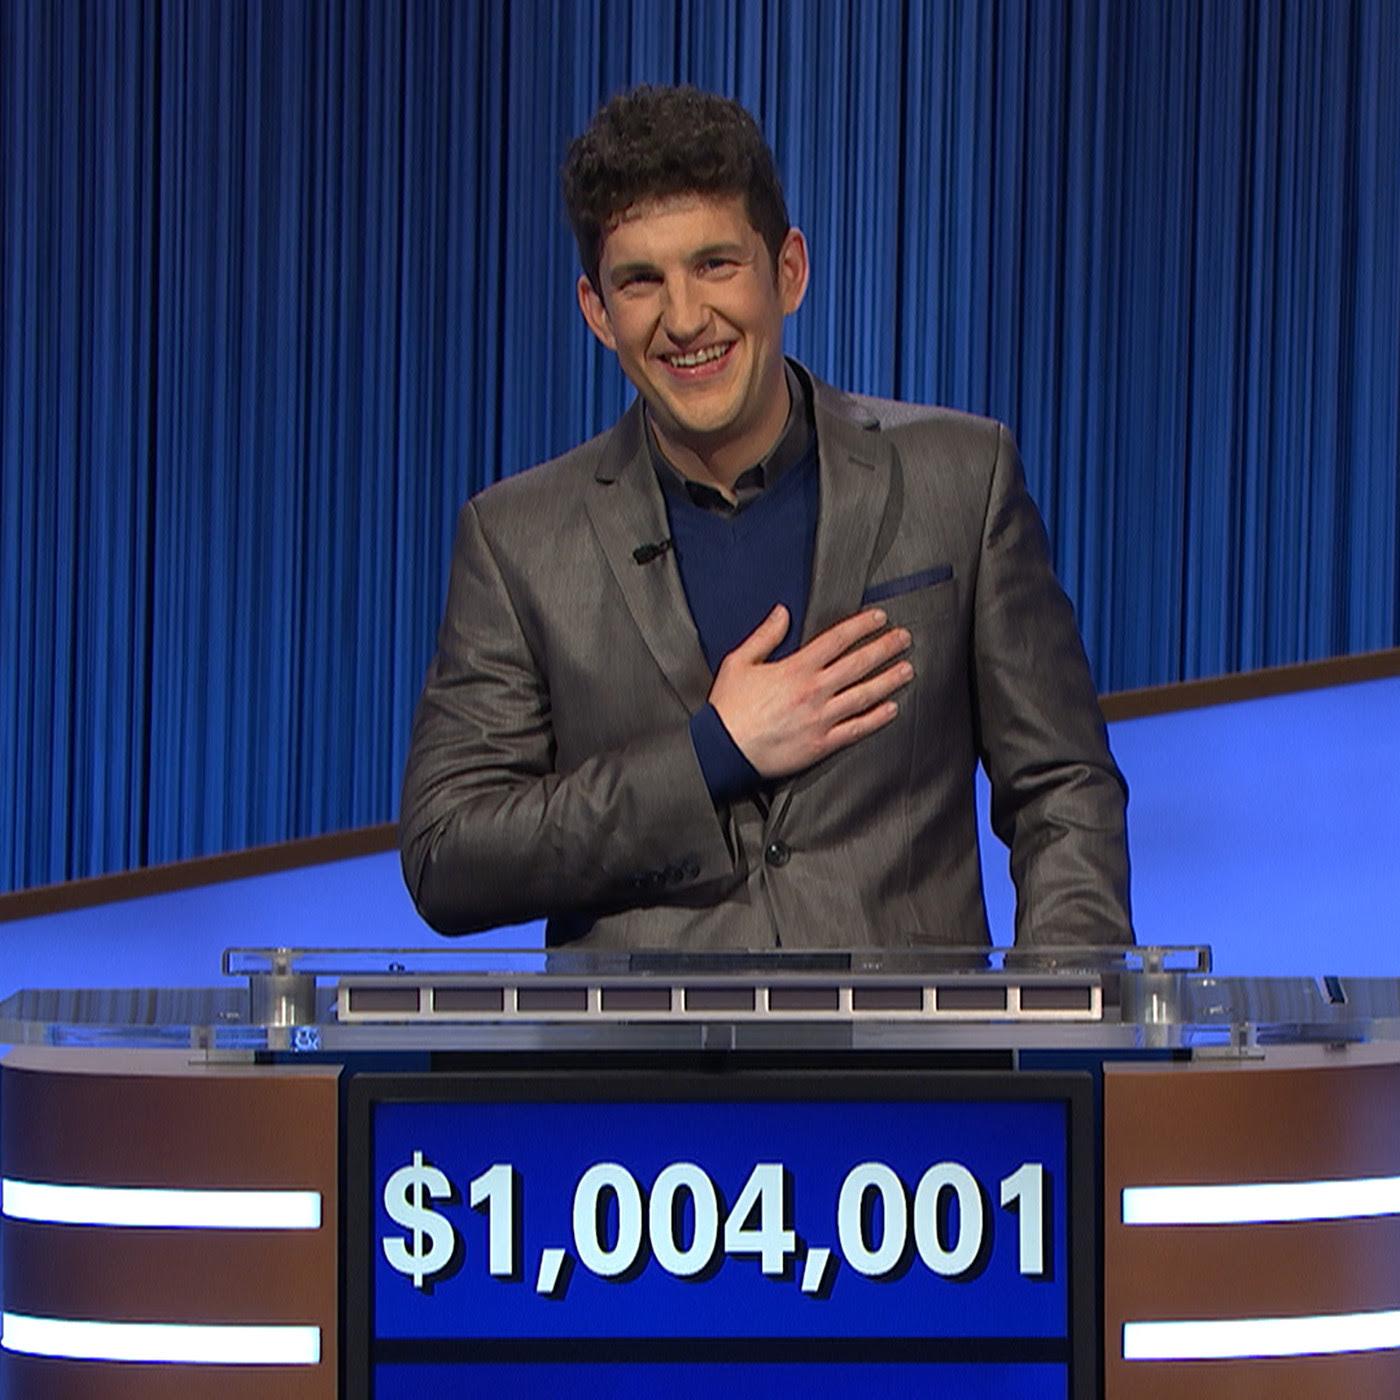 'Jeopardy!': Champion Jonathan Fisher opens up about Matt Amodio loss